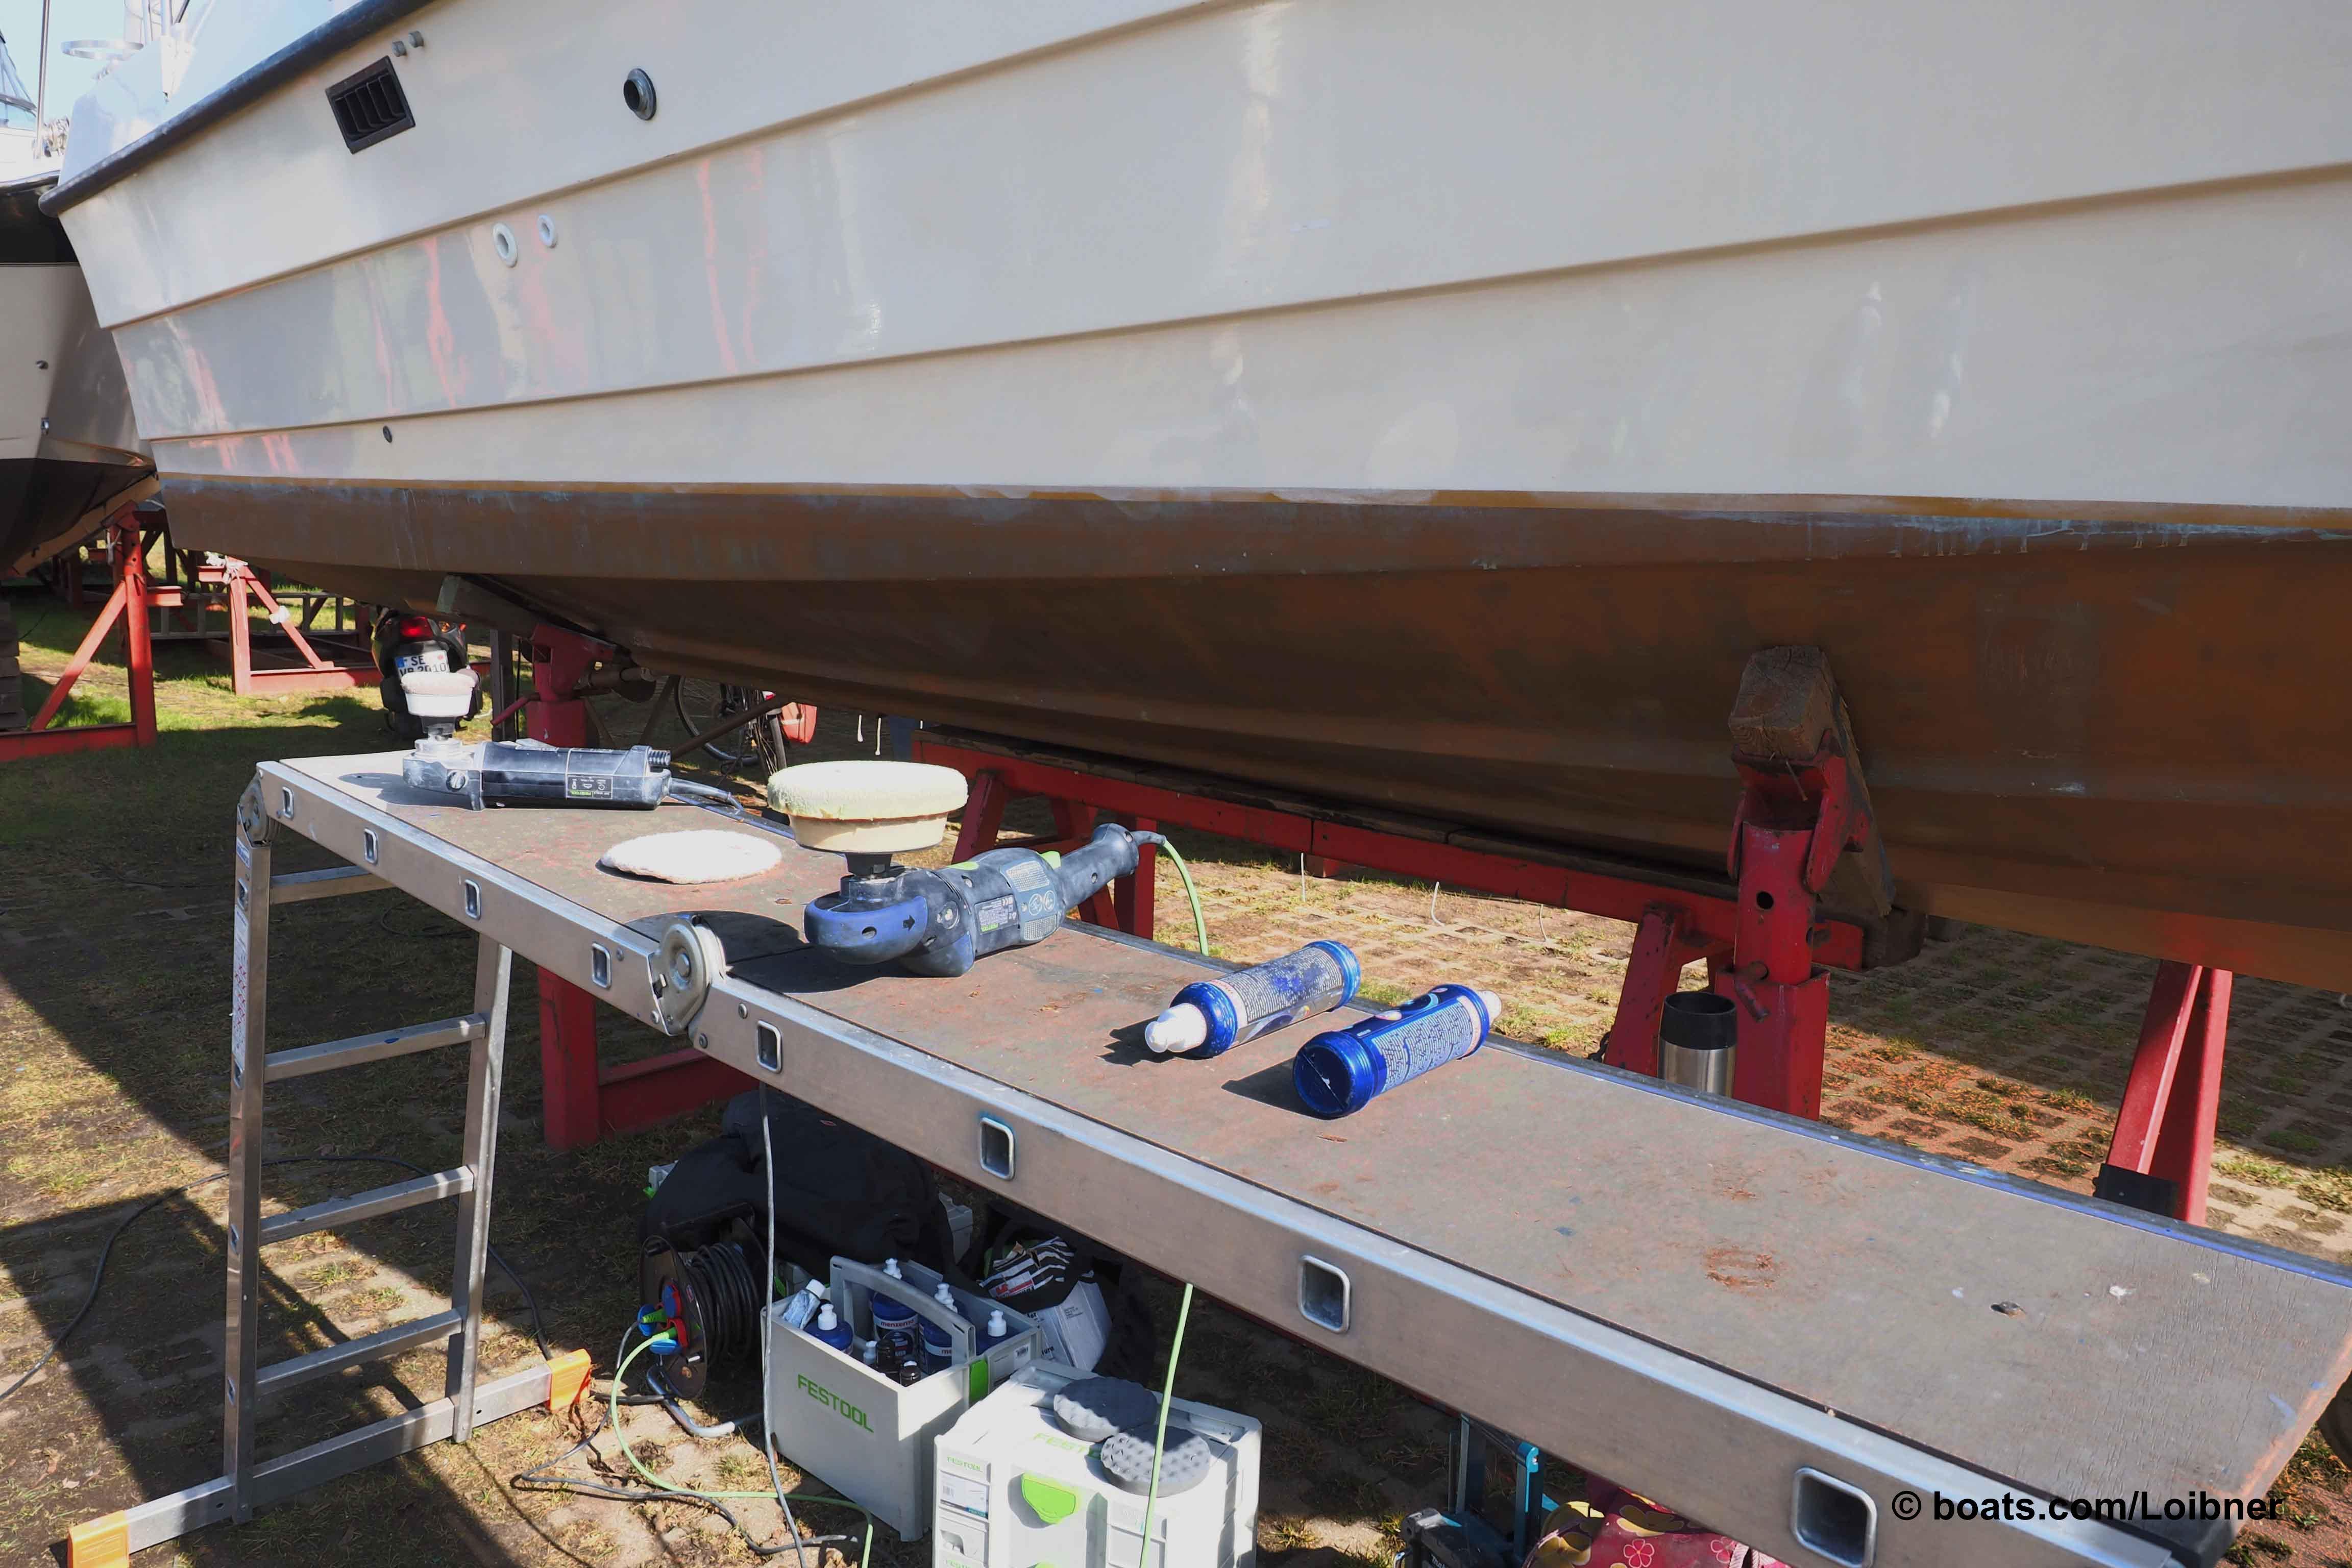 Gut gemocht Perfekt polieren: Hochglanz-Kur für Ihr Boot - boats.com YE21